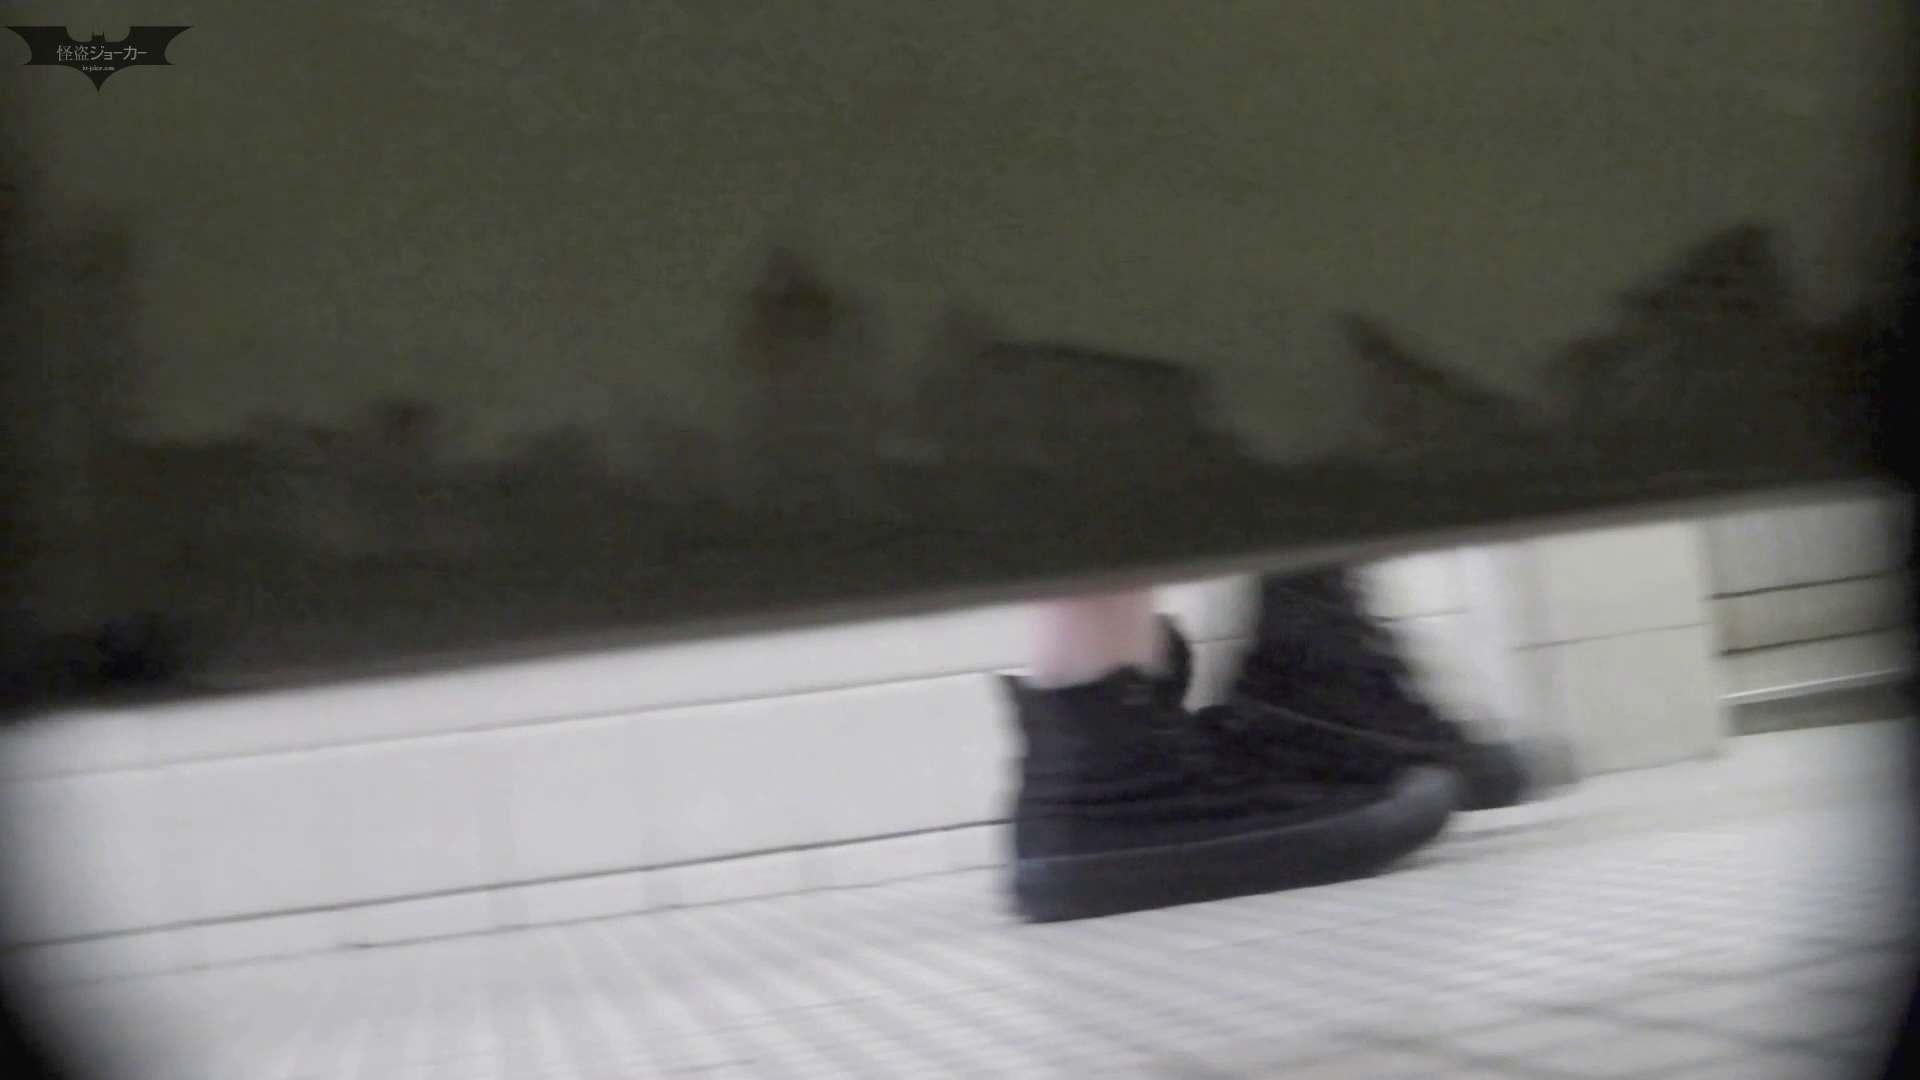 洗面所特攻隊 vol.58驚異のしまり、【2015・25位】 高画質 ワレメ動画紹介 63画像 59